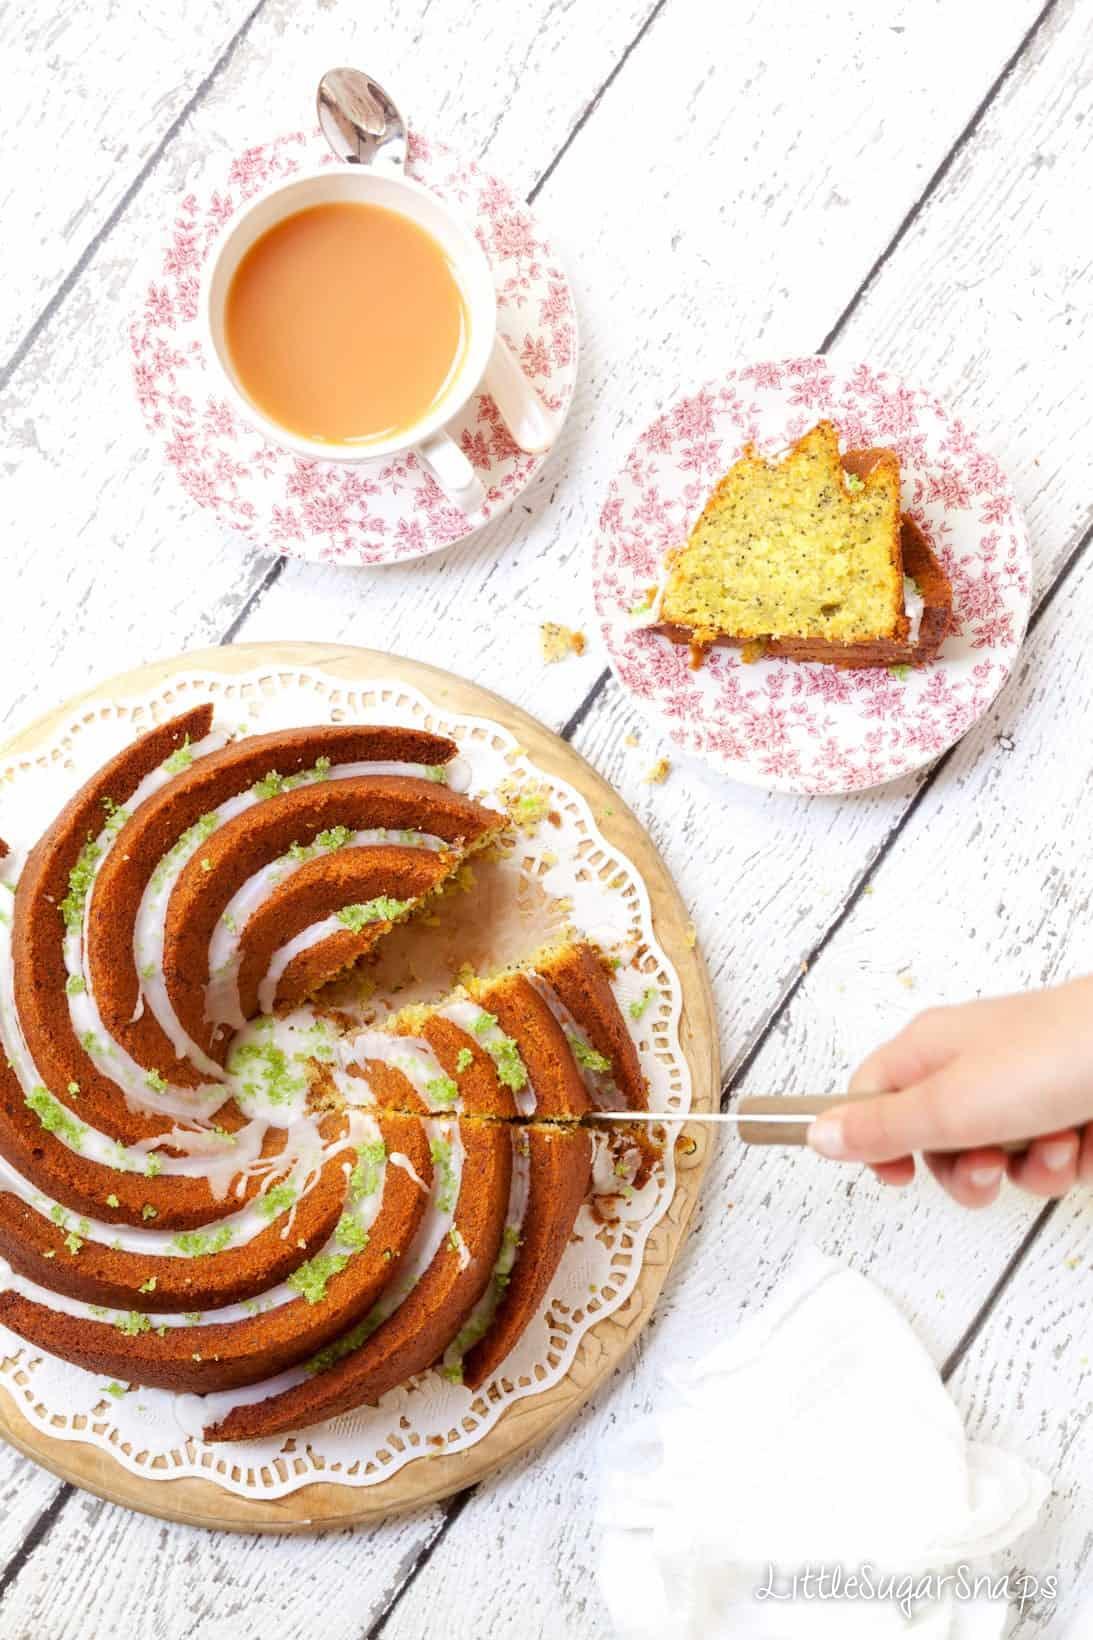 Zucchini Lime Pistachio Cake